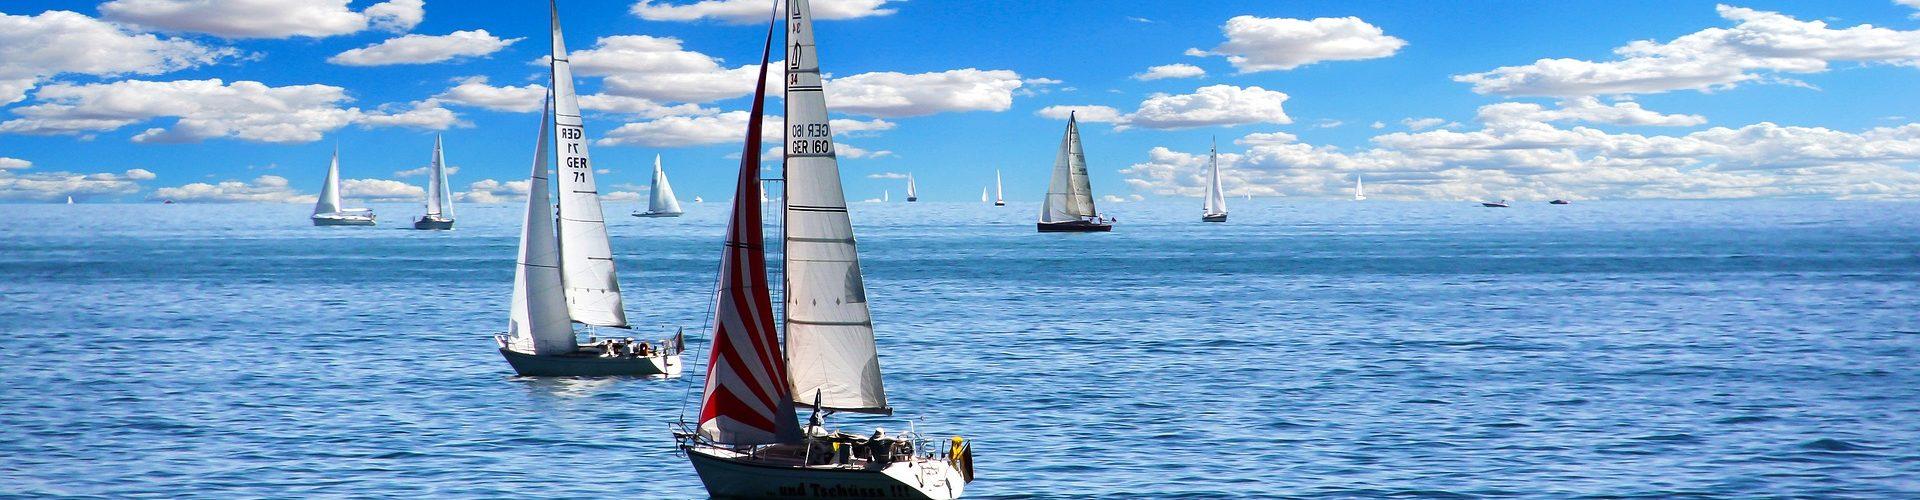 segeln lernen in Versmold segelschein machen in Versmold 1920x500 - Segeln lernen in Versmold